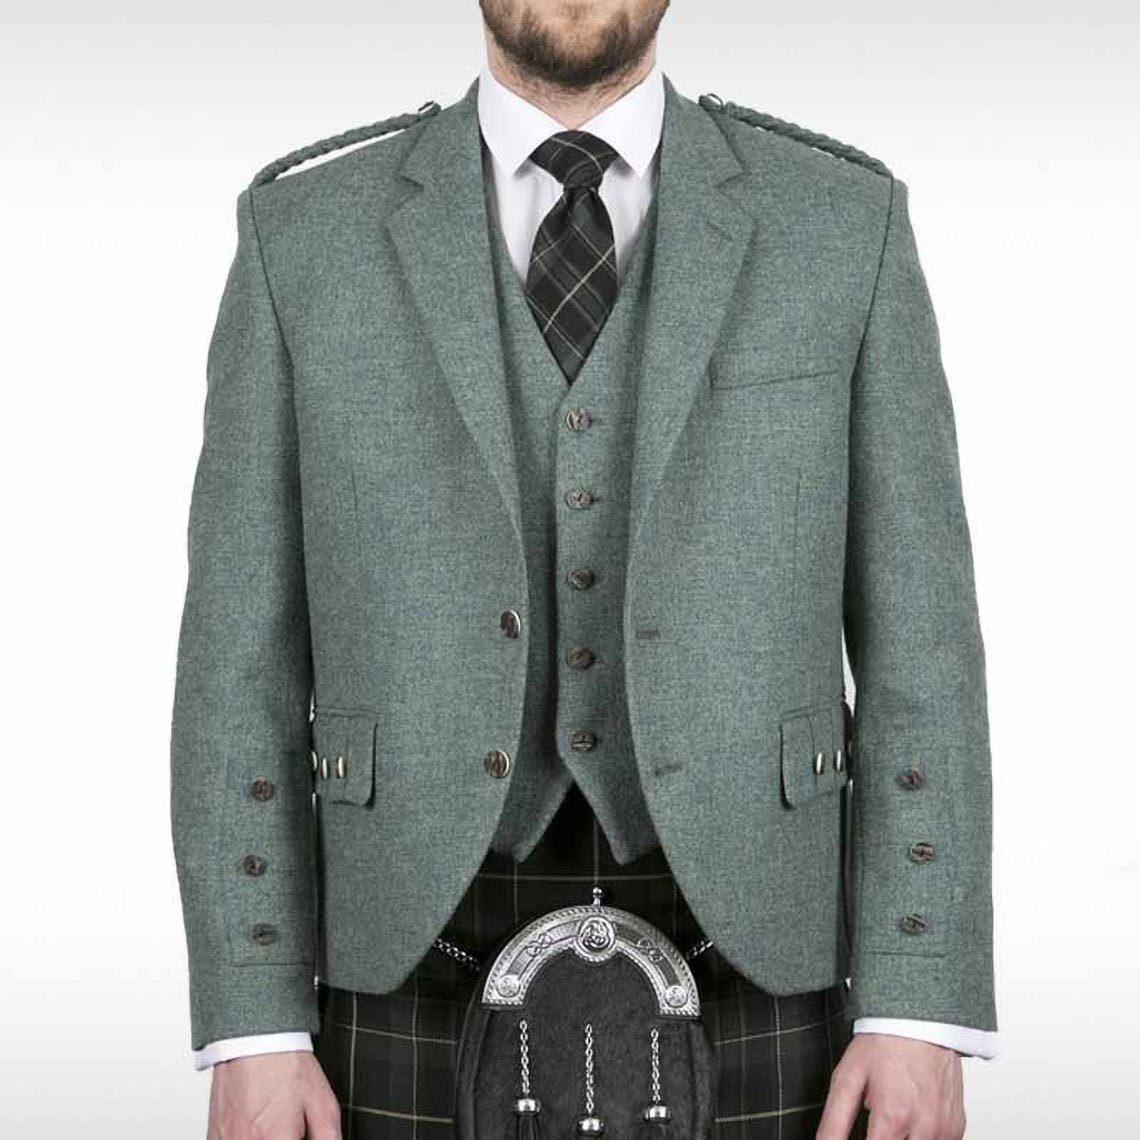 Lovat Green Crail Jacket & Waistcoat